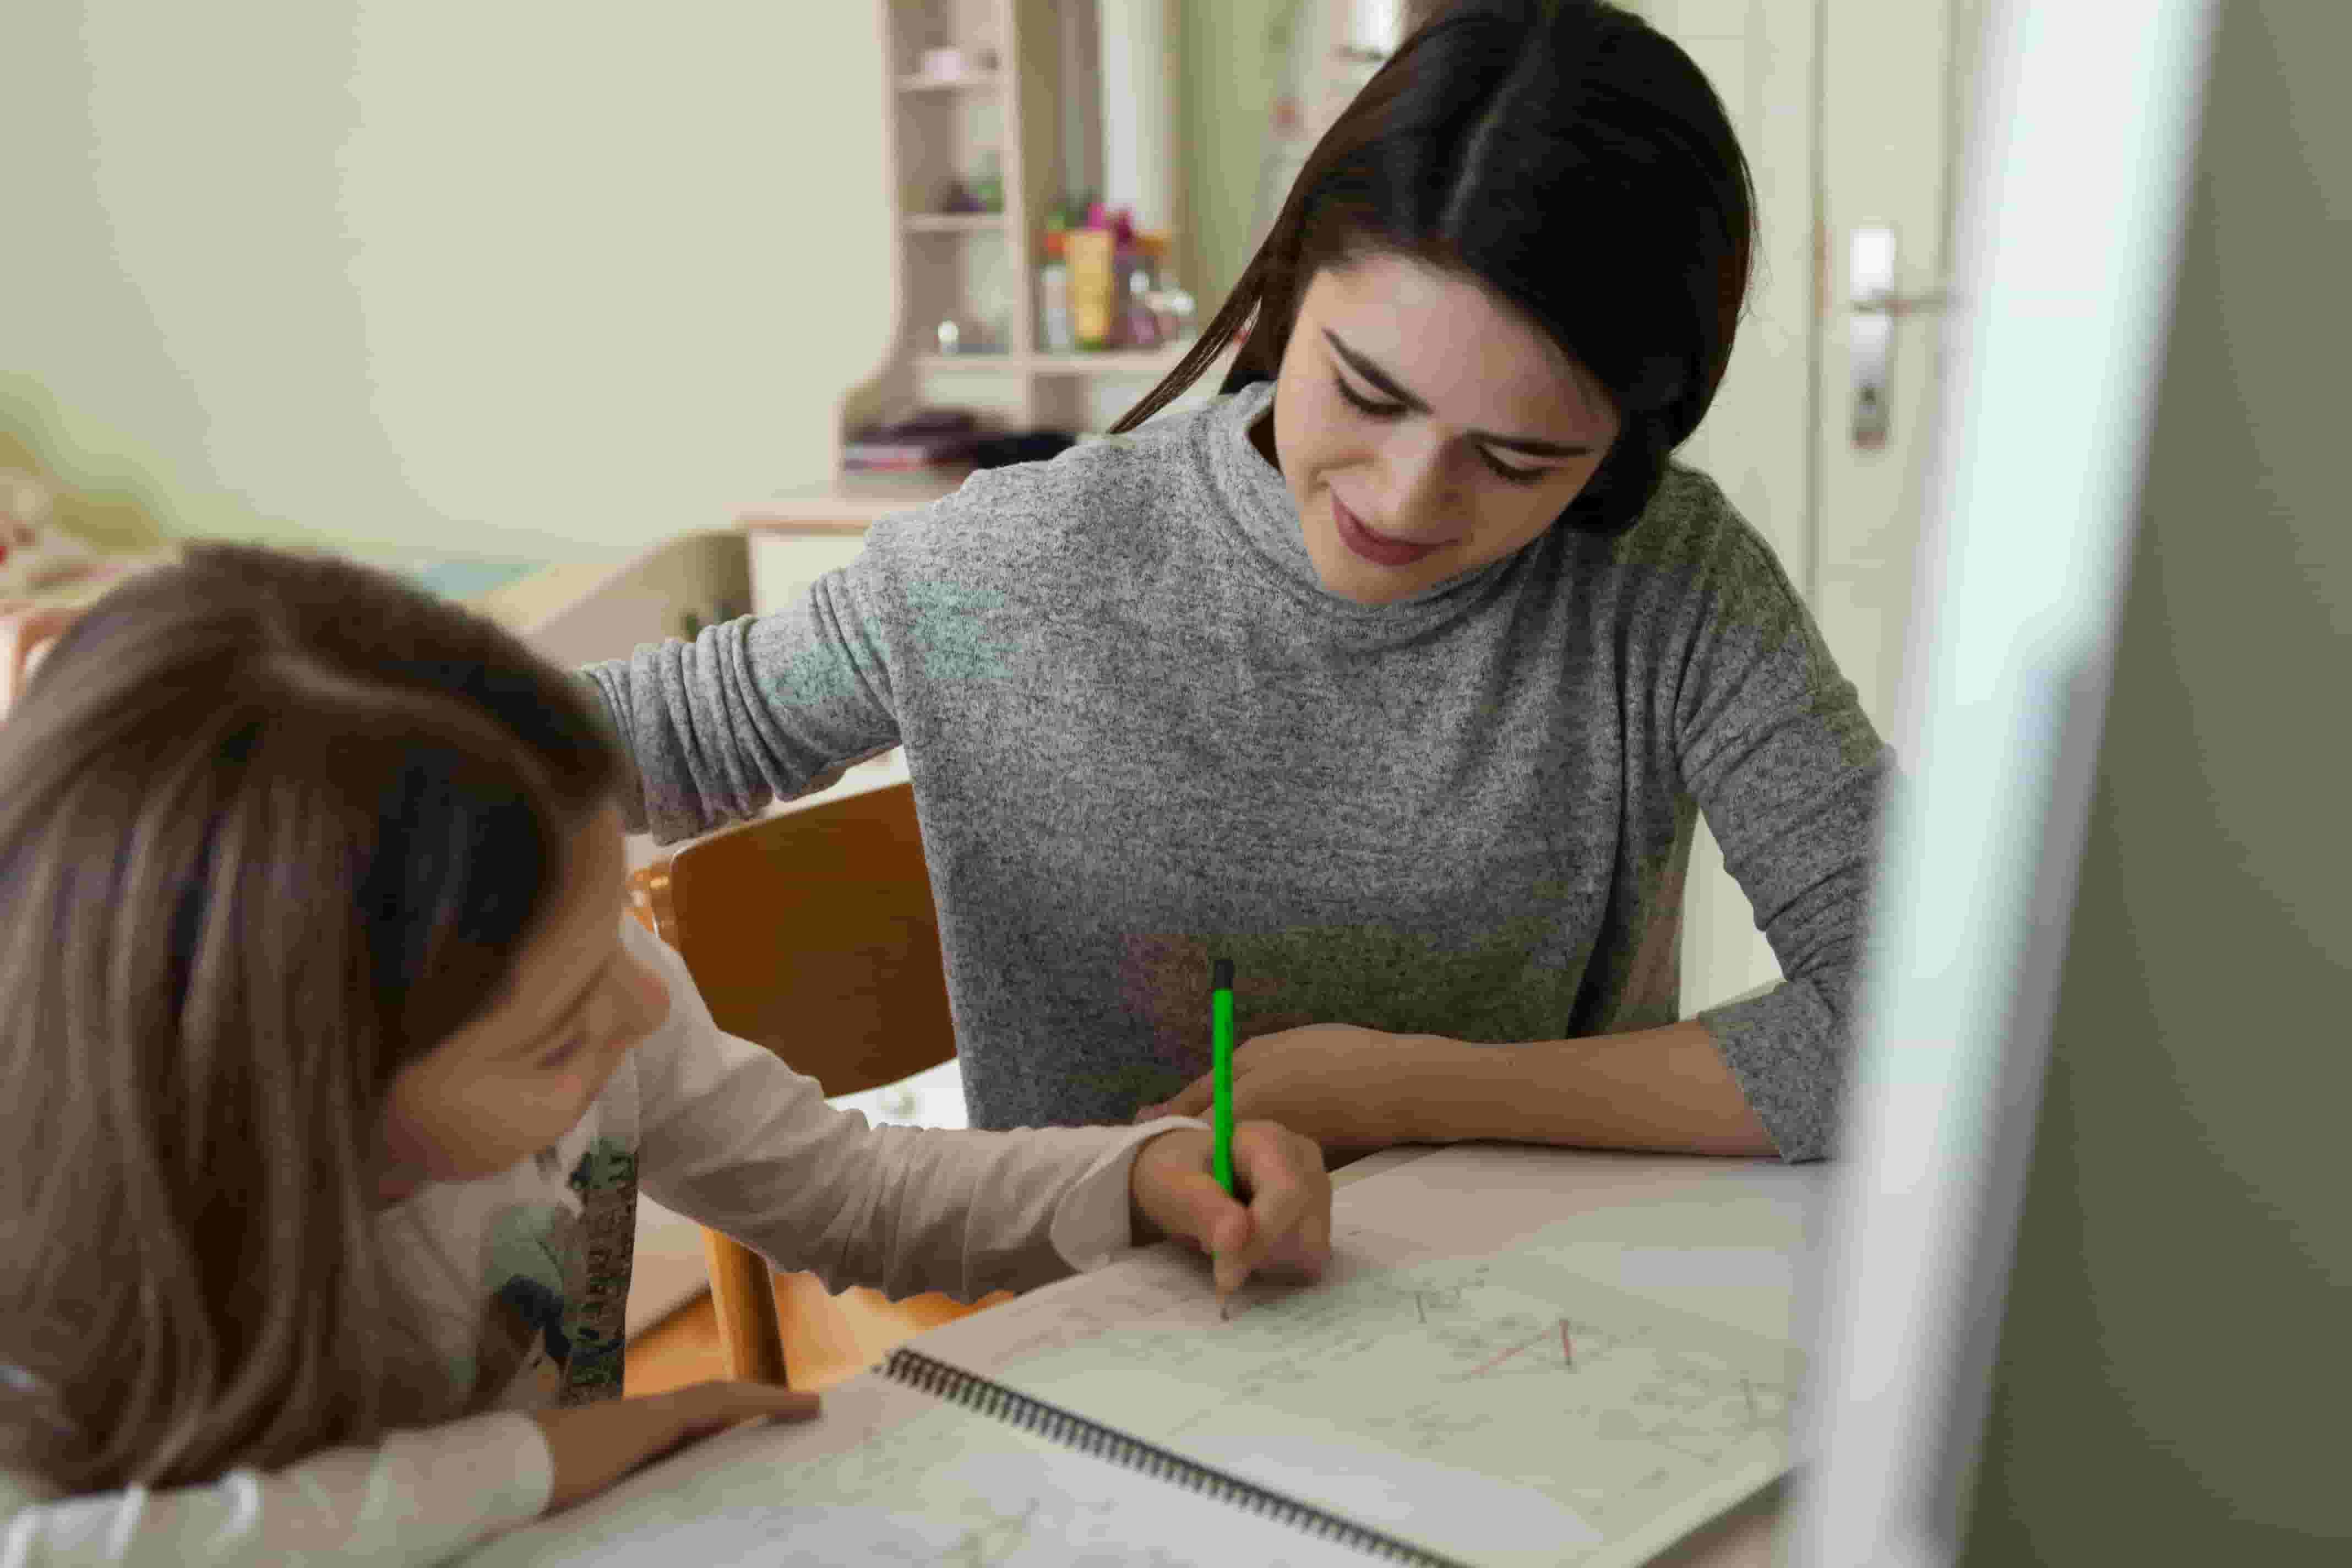 Çalışan anneler için tavsiyeler